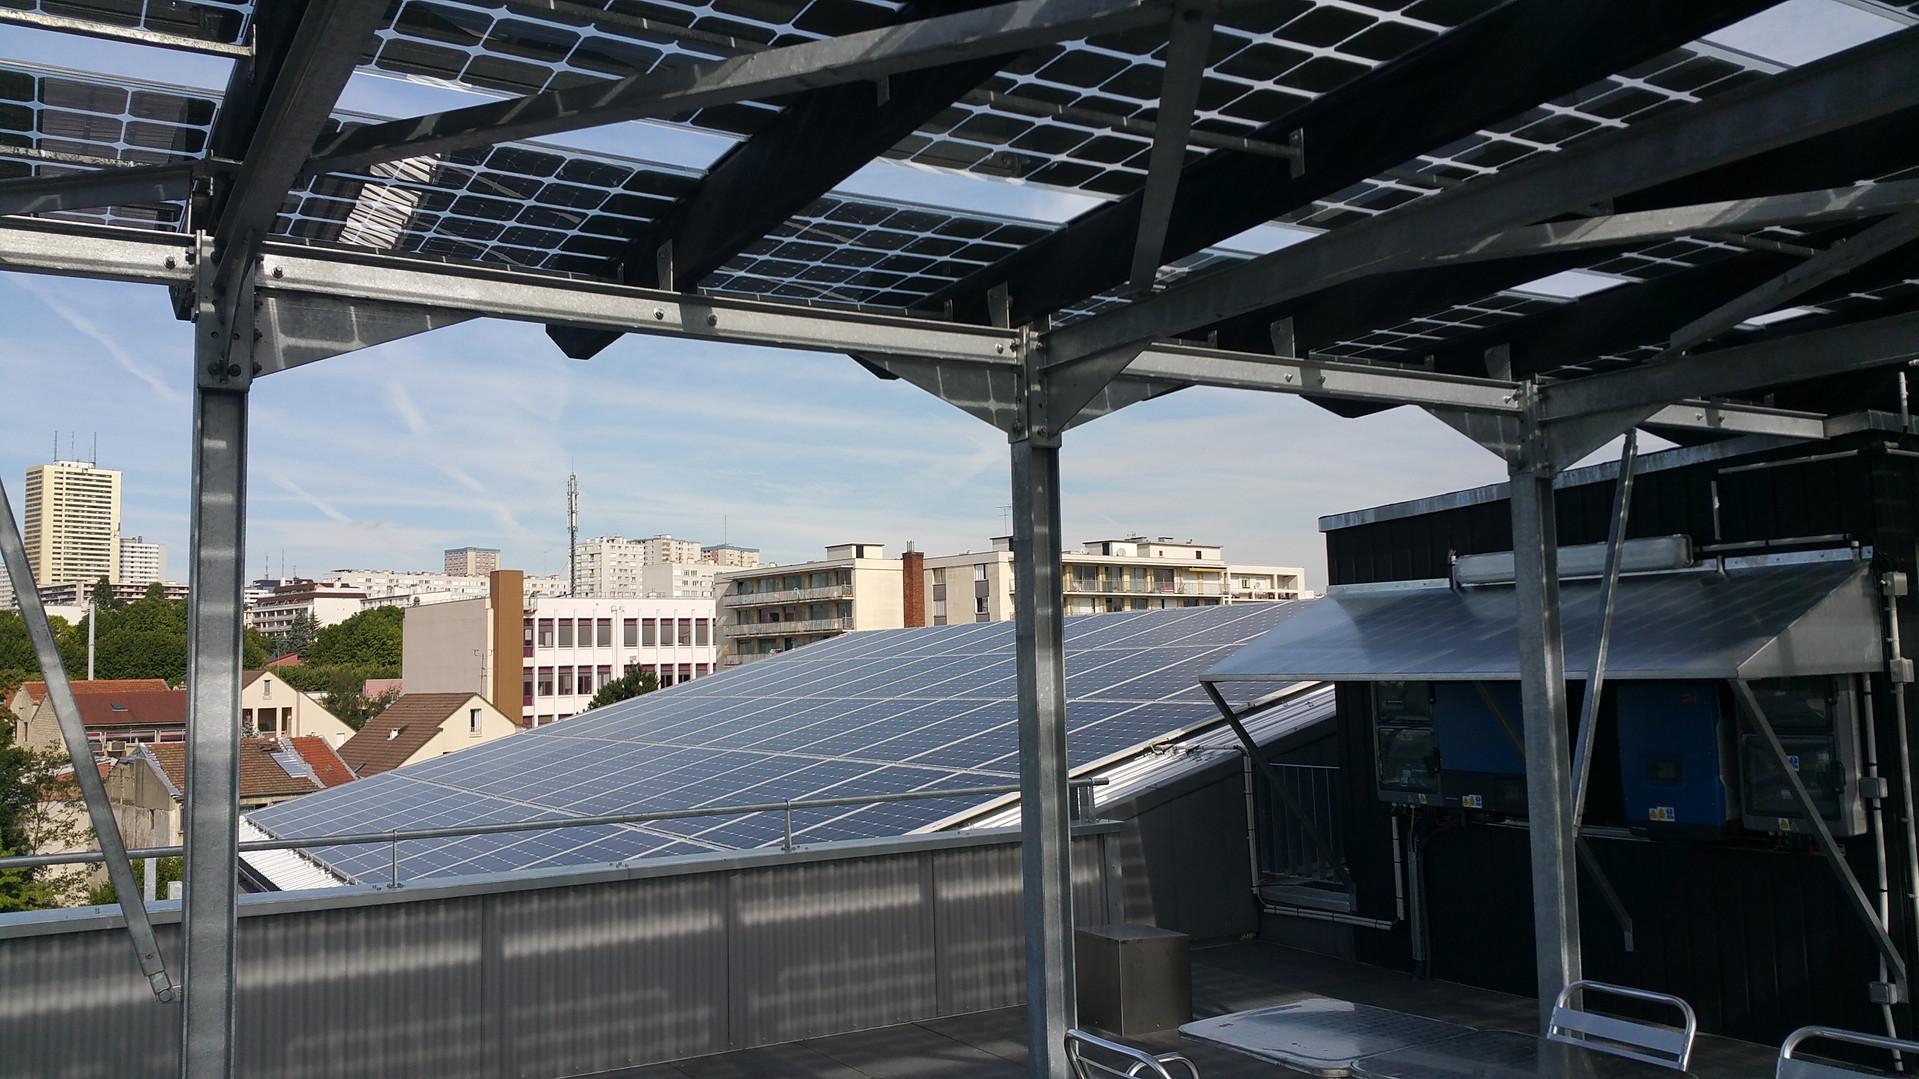 verrière et panneaux photovoltaïques